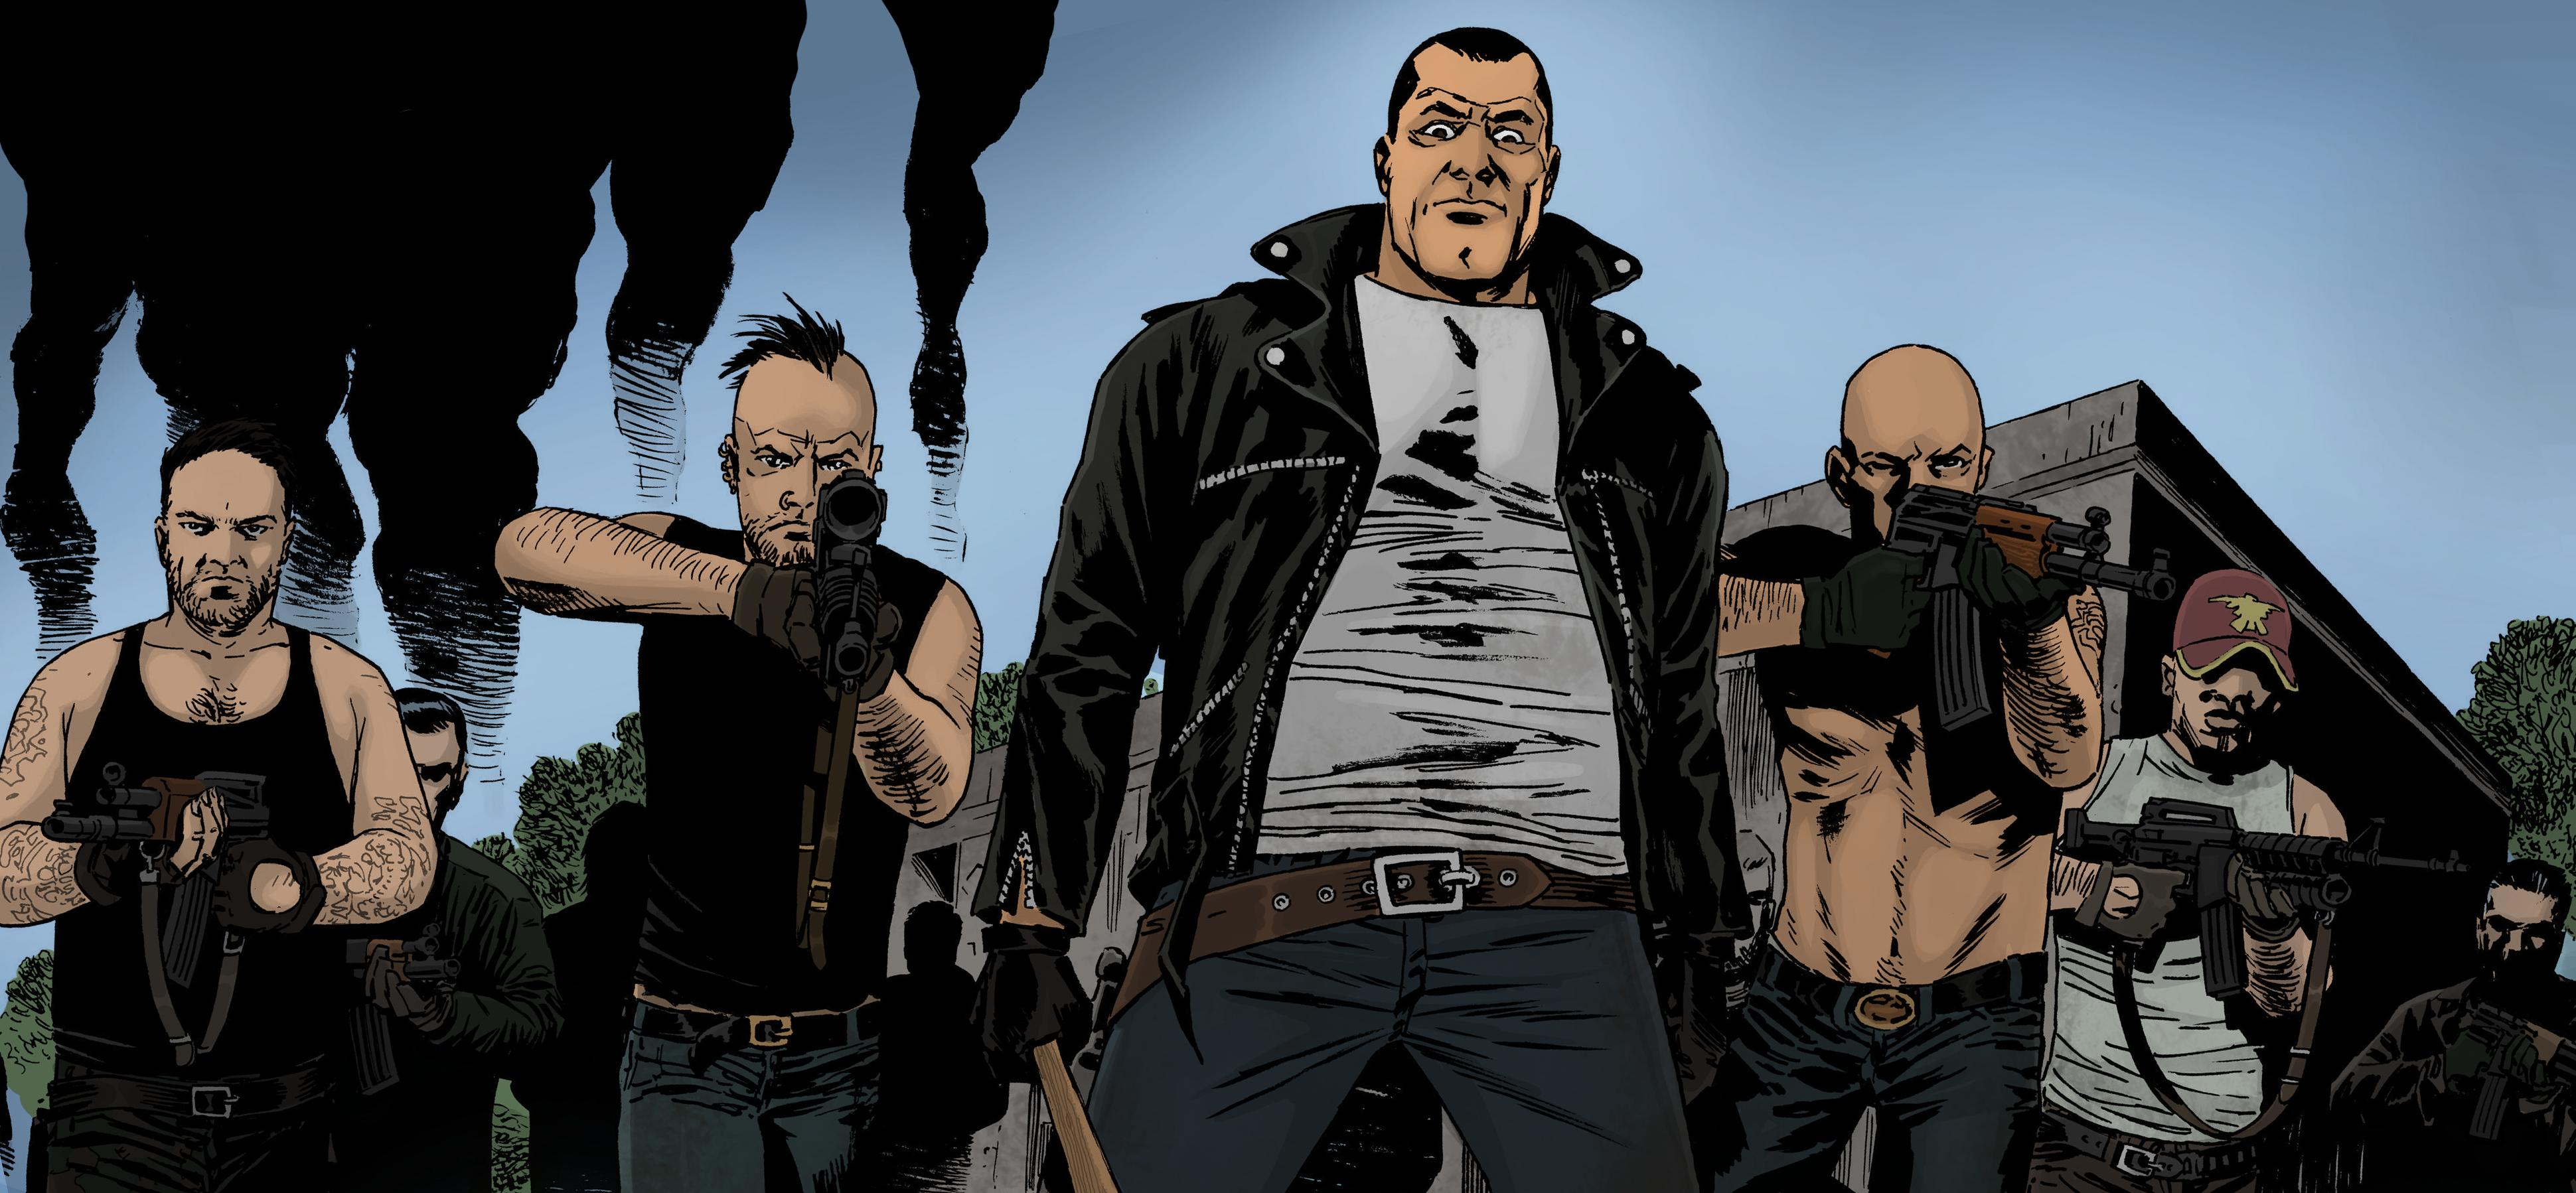 Negan The Walking Dead By Dragonitearmy On Deviantart